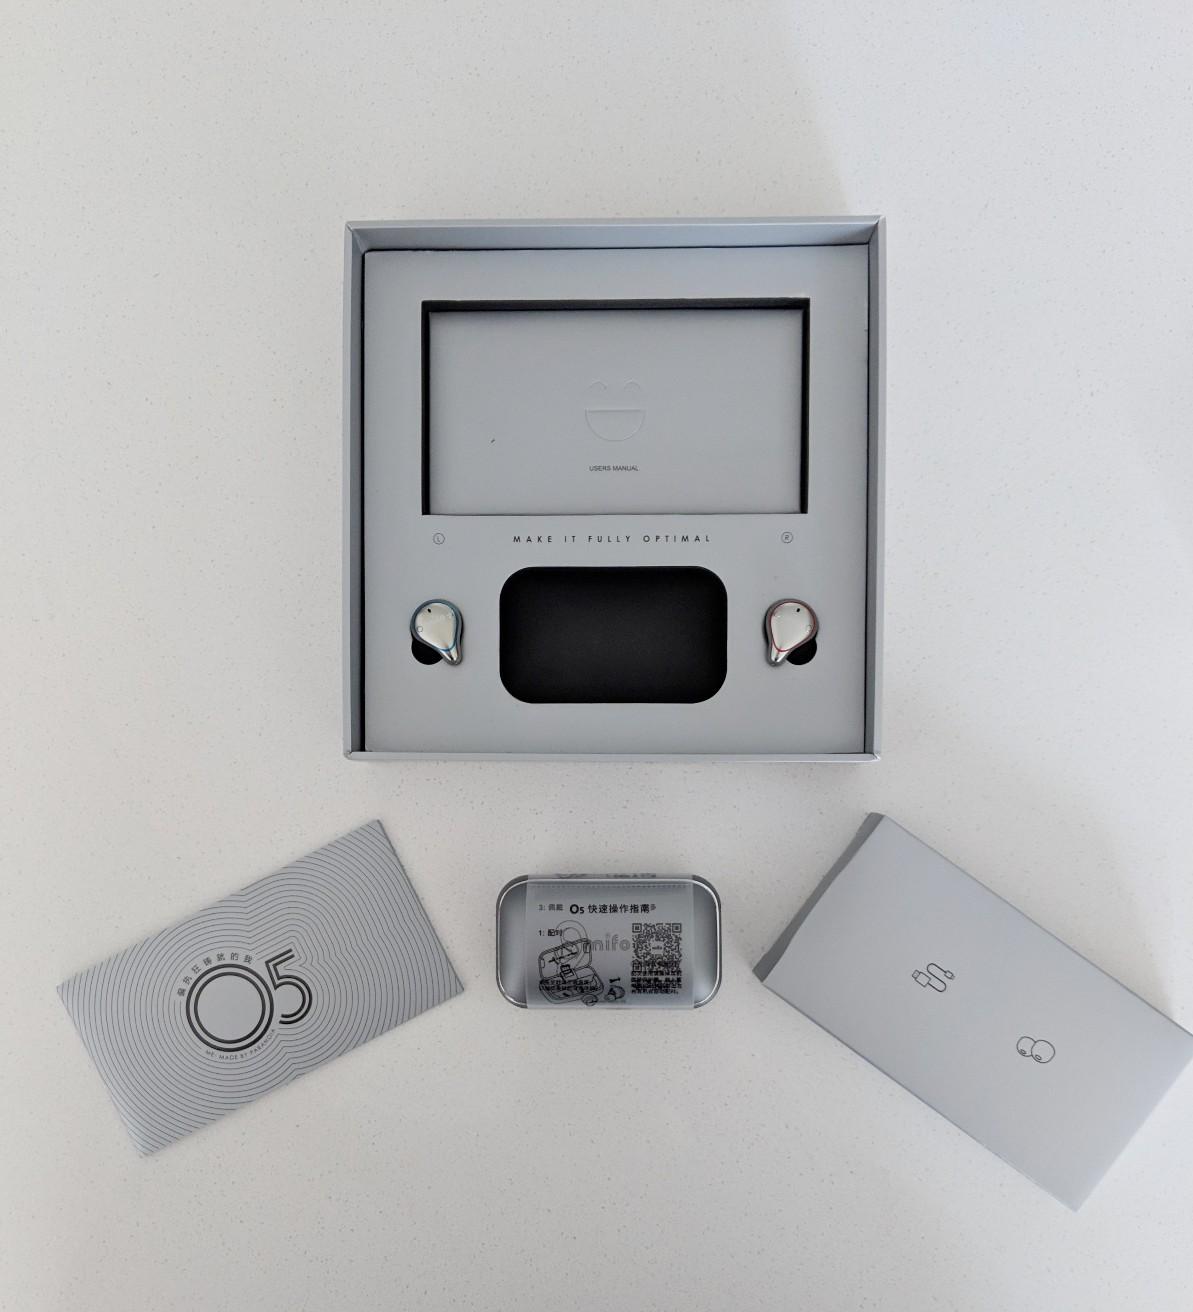 Mifo o5 packaging